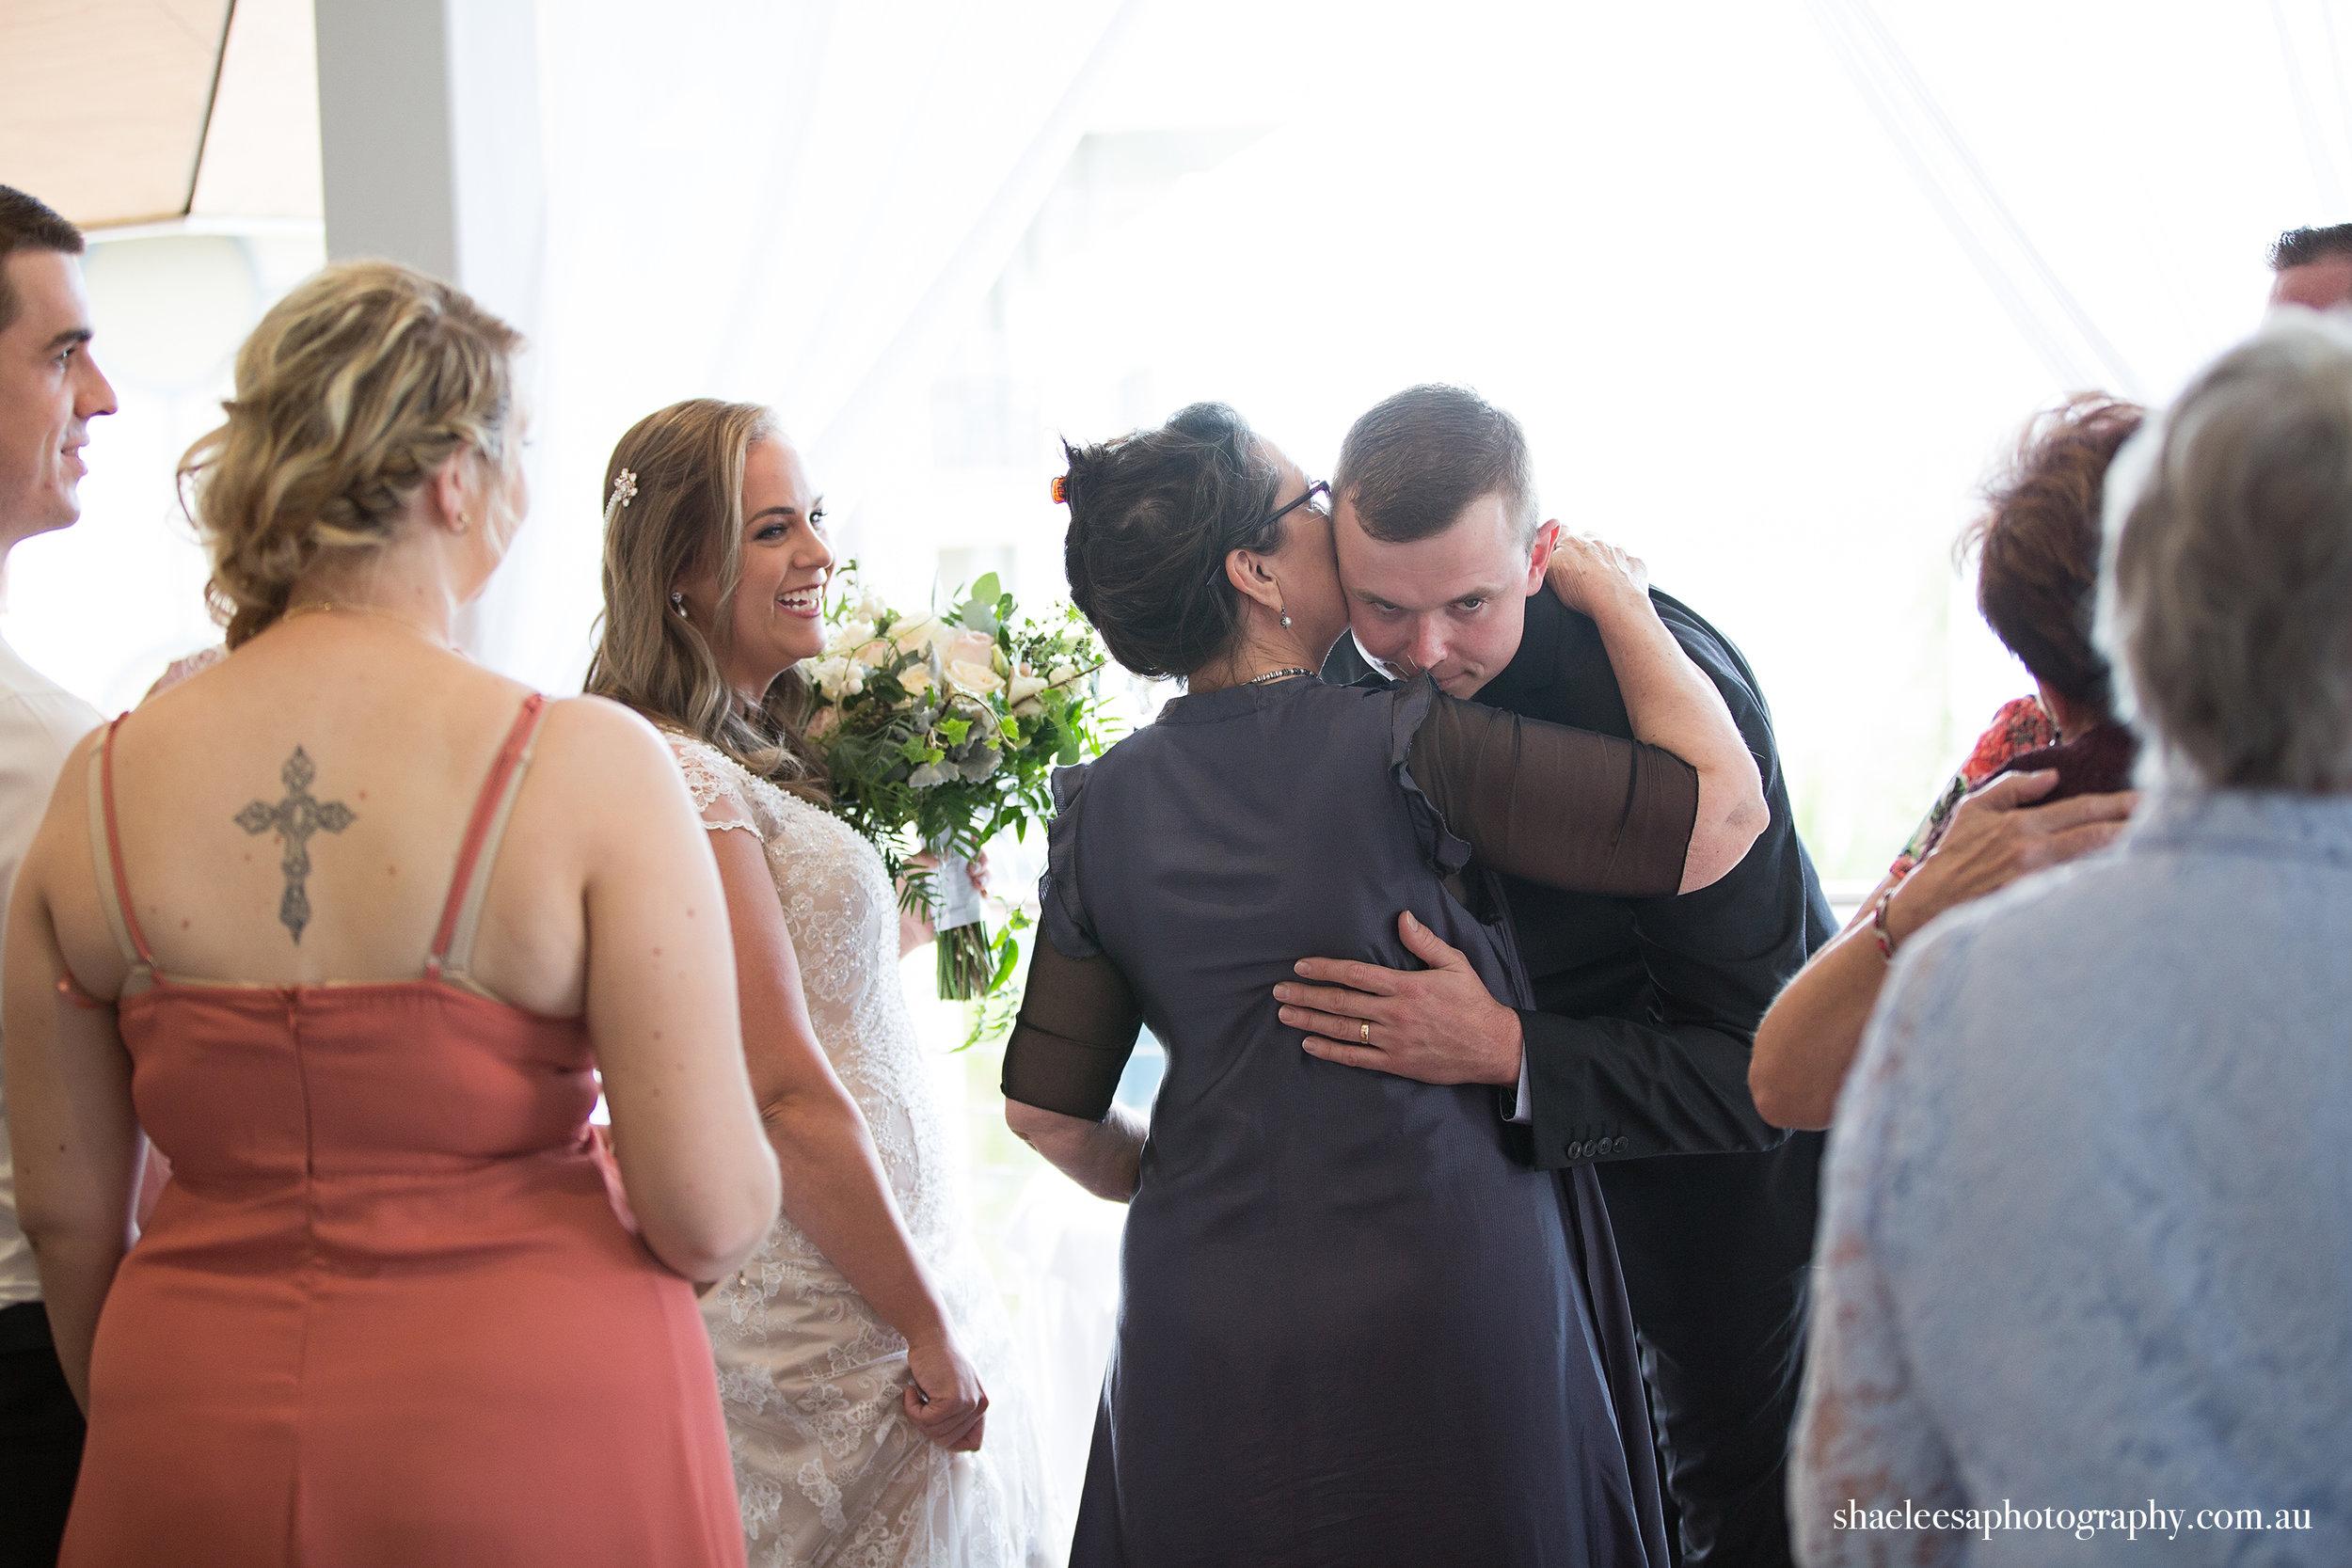 WeddingsByShae_125_McDermid2017.jpg